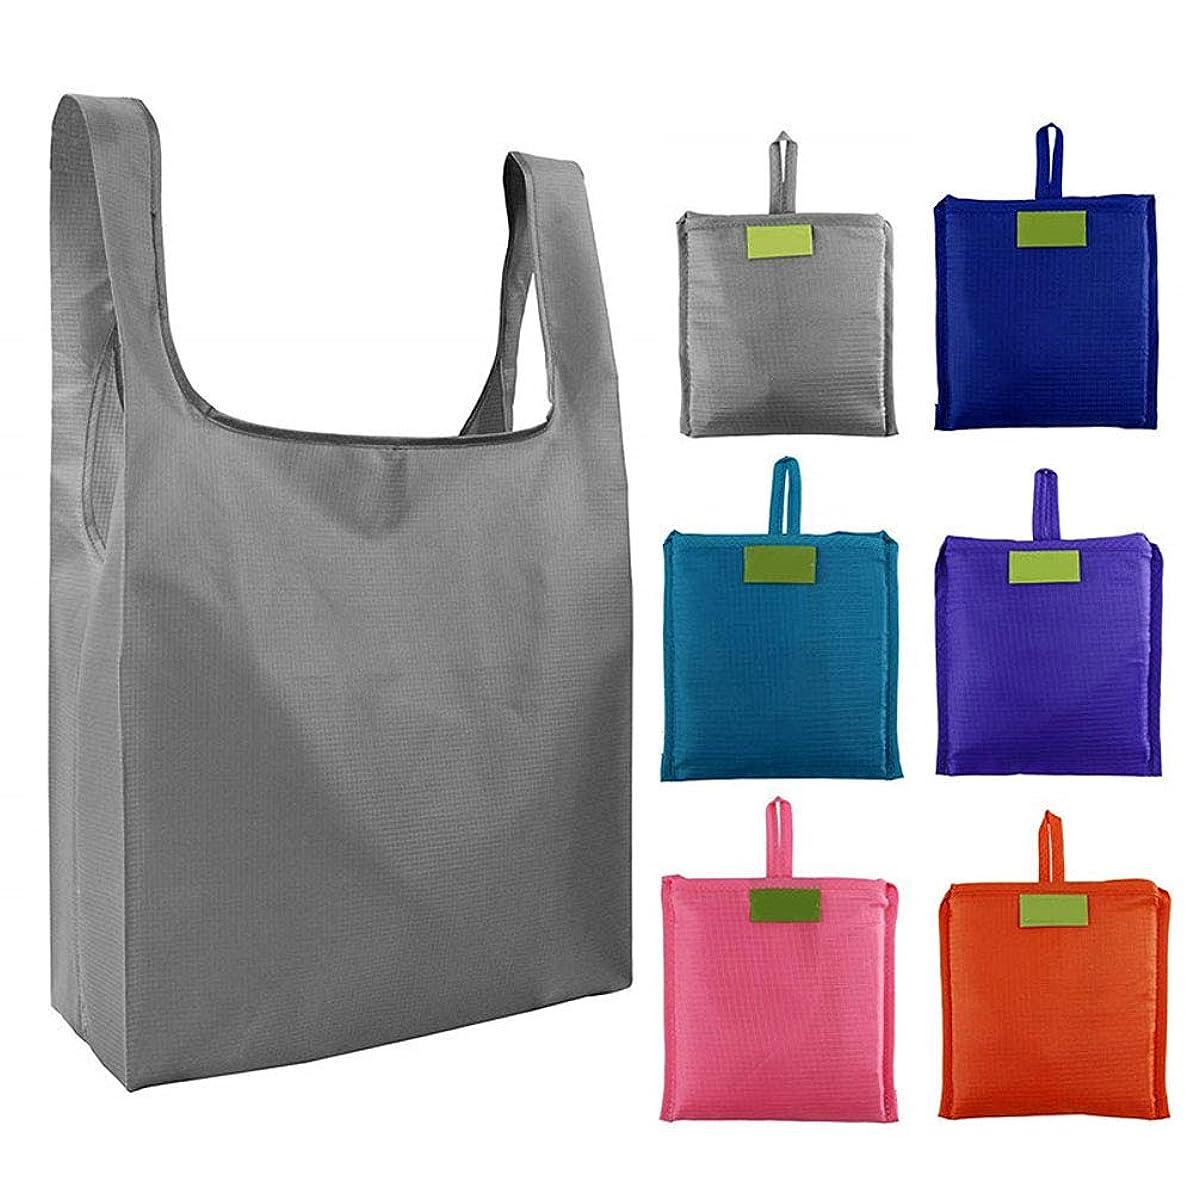 トーナメントシーサイド想像するSHUIYANG エコバッグ 大容量 買い物バッグ 防水エコバッグ 簡単 折り畳み ポケットサイズ スクエアバッグ おしゃれ コンパクト 収納 おおきめ ショッピングバッグ 洗い可 繰り返し使用 6個セット